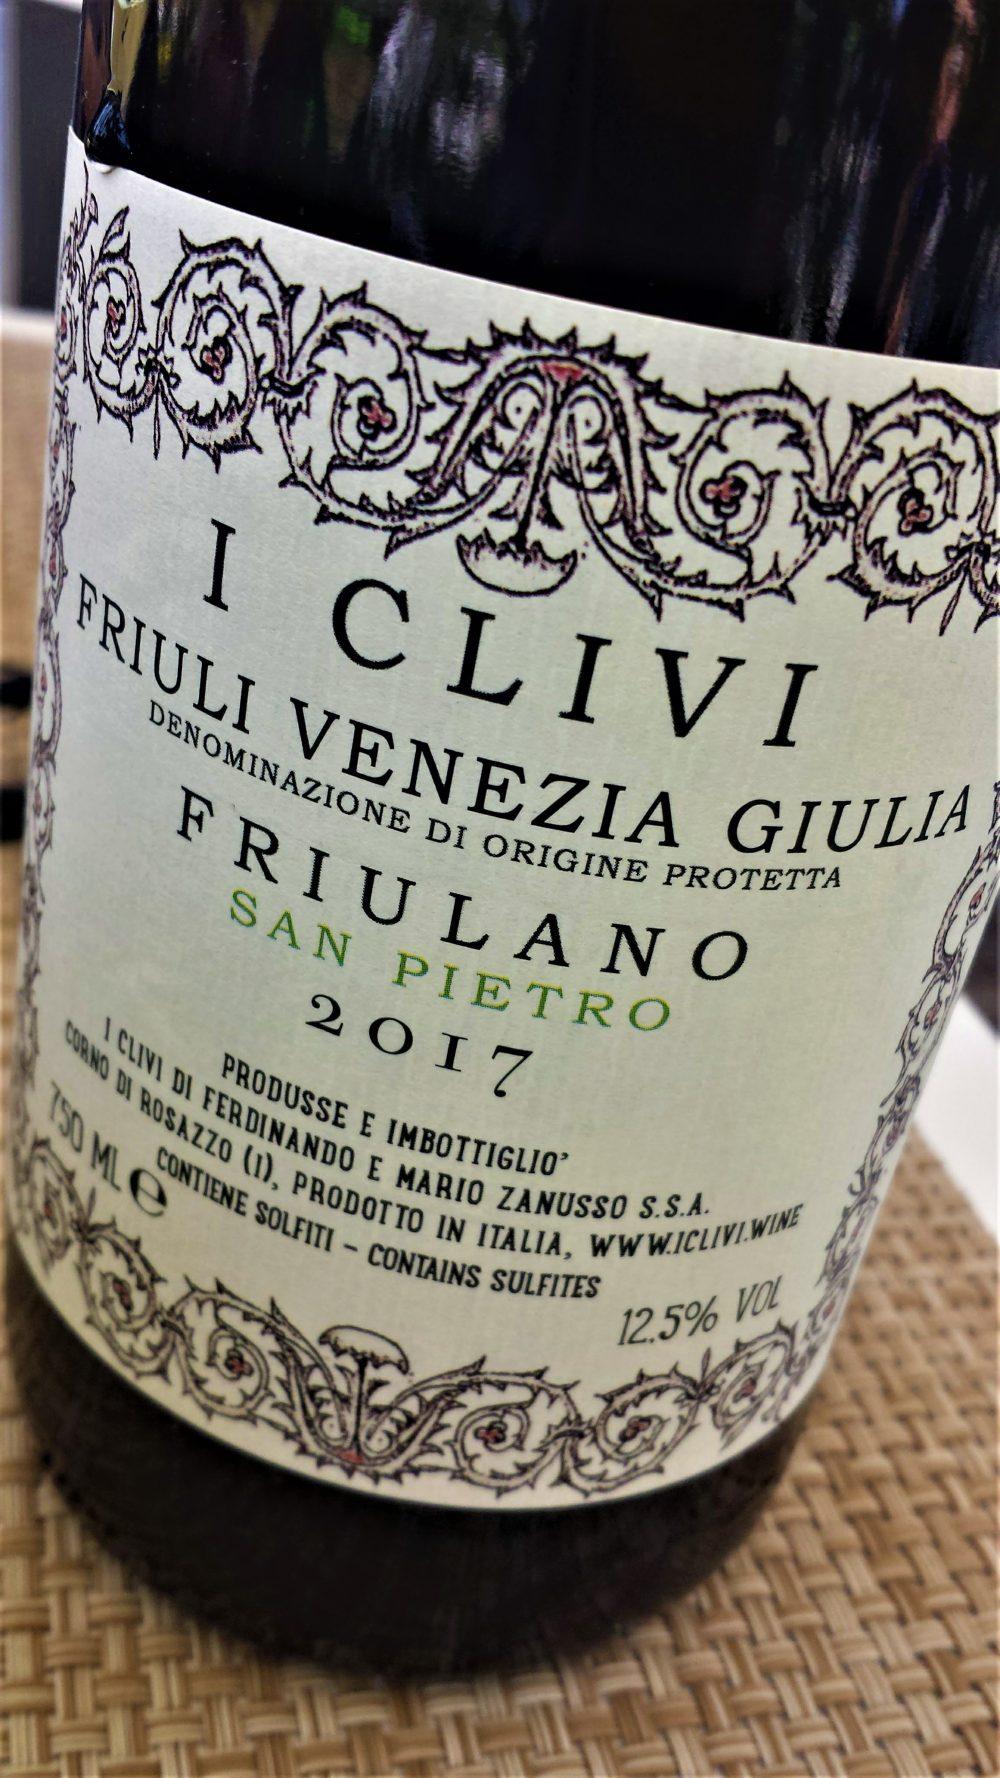 F.V.G. Friulano San Pietro 2017, I Clivi